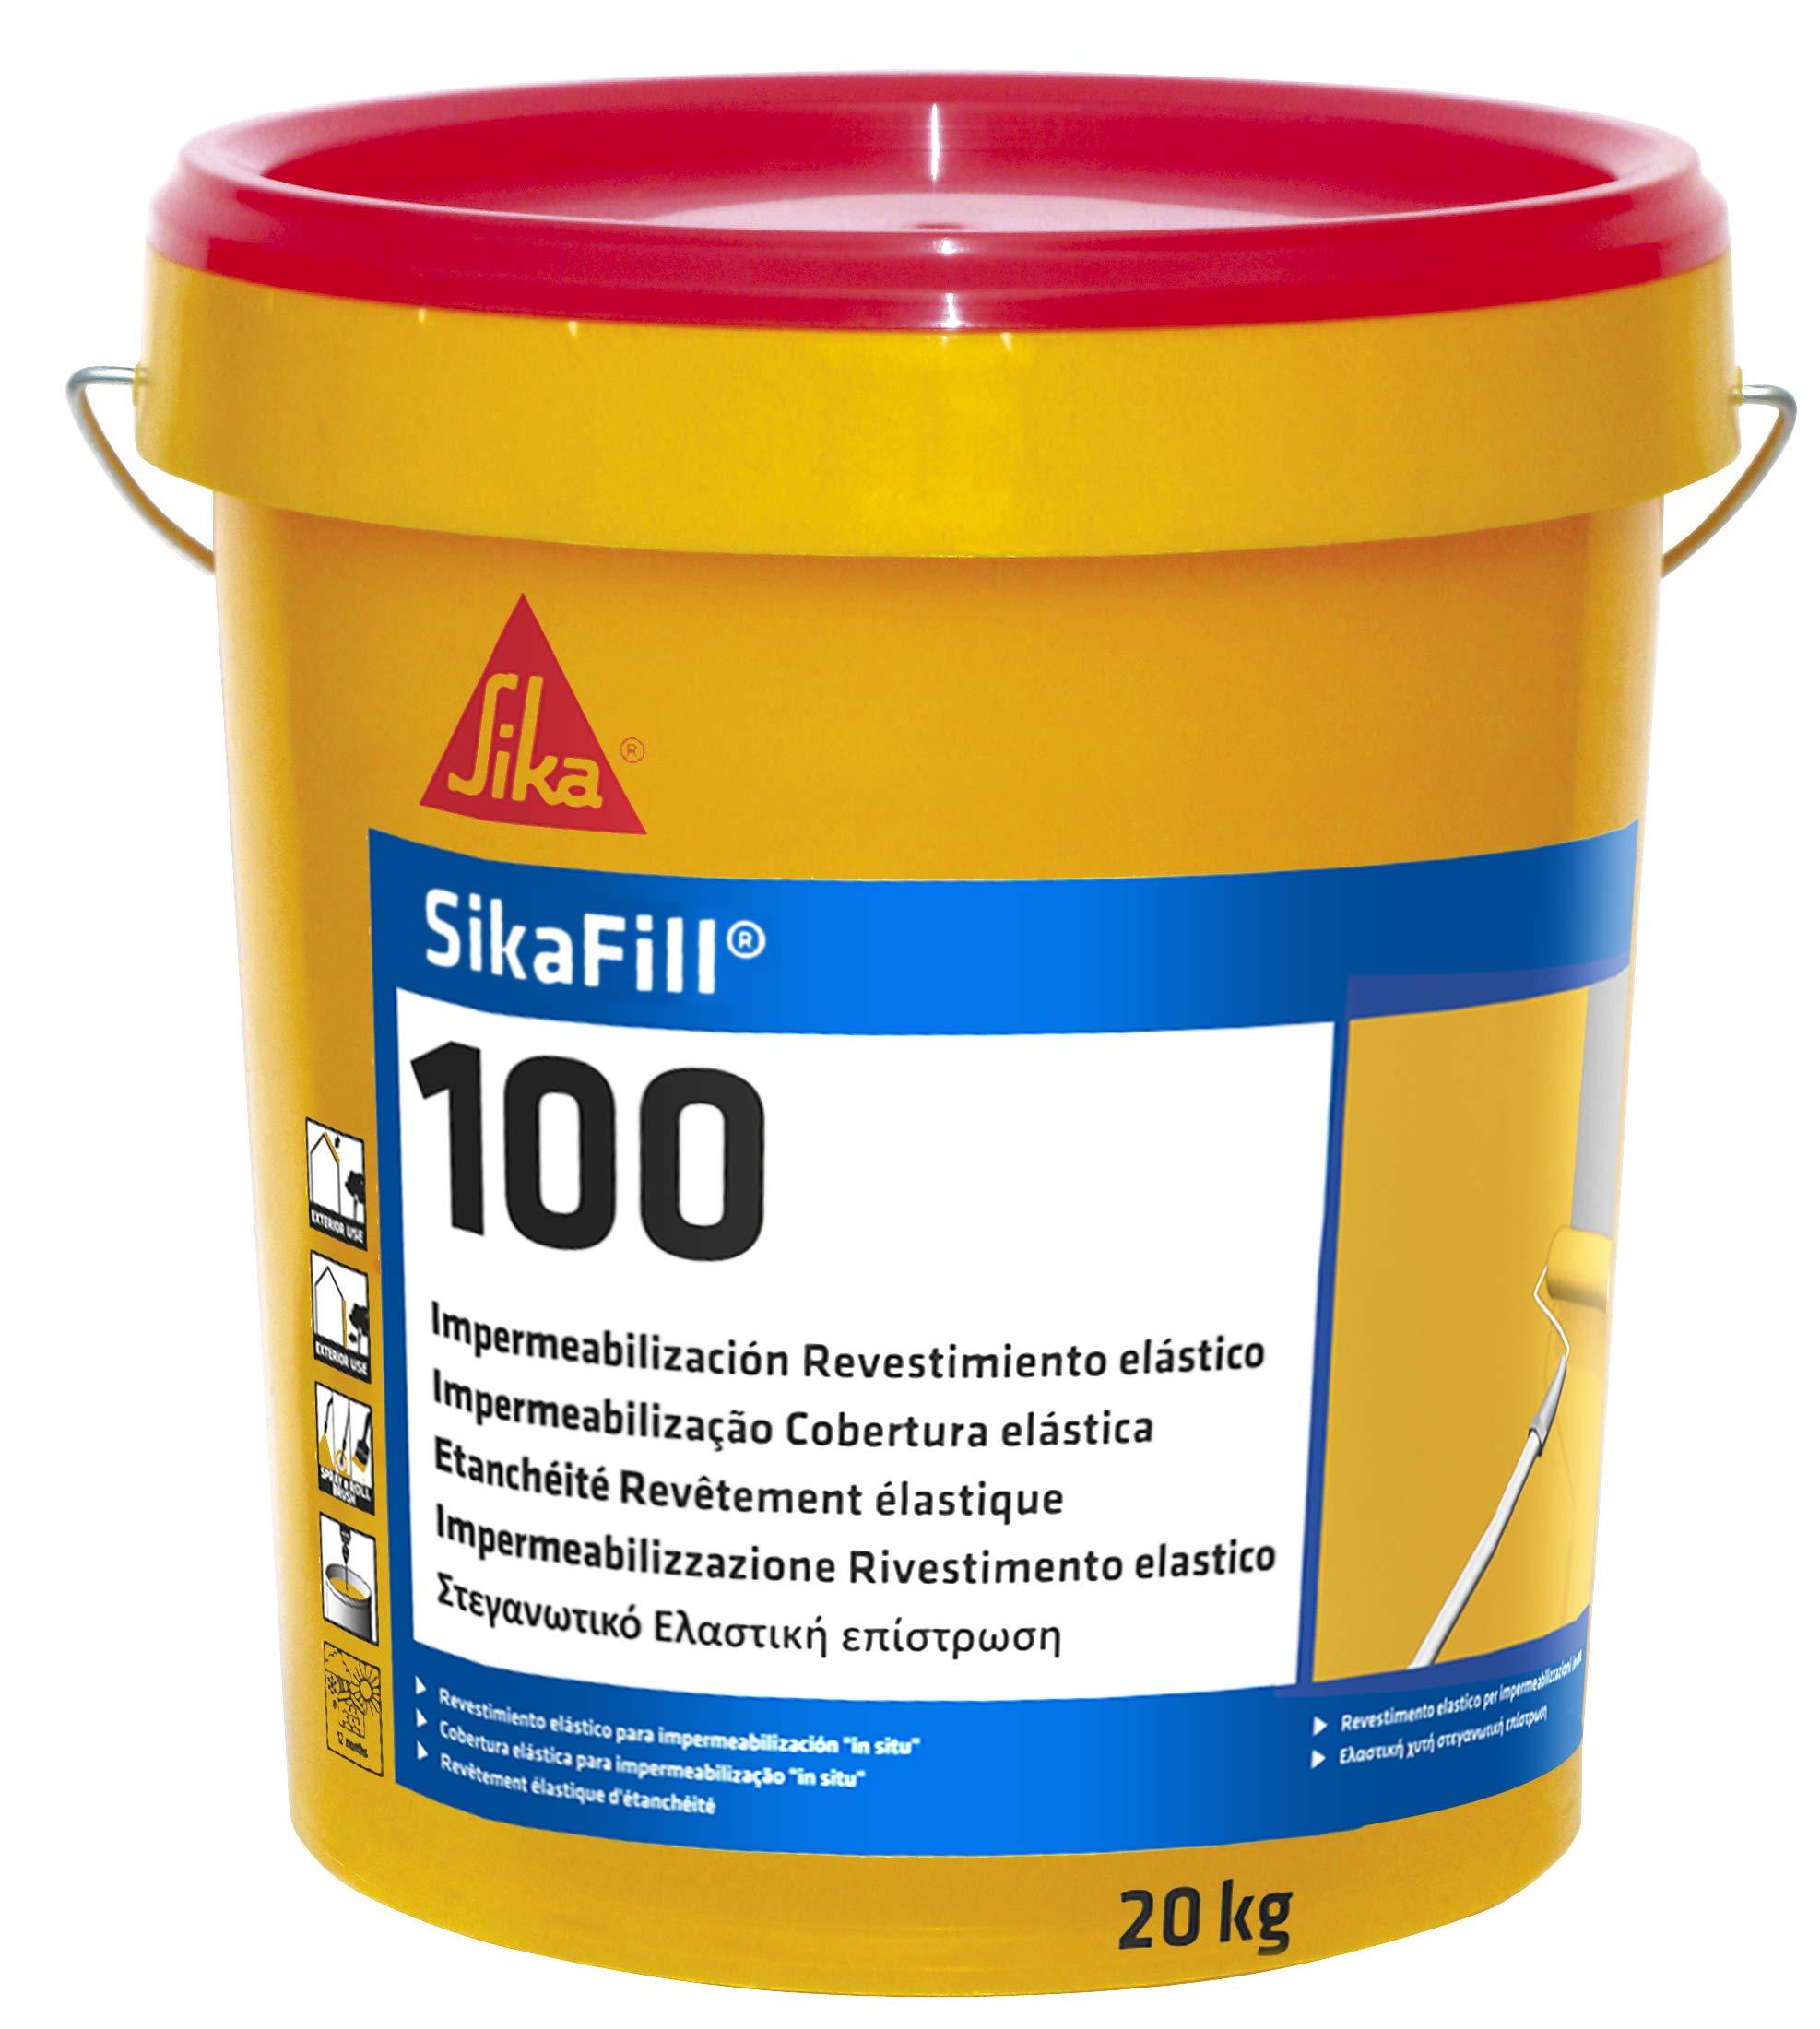 SikaFill-100, Revestimiento elástico para impermeabilización de ...